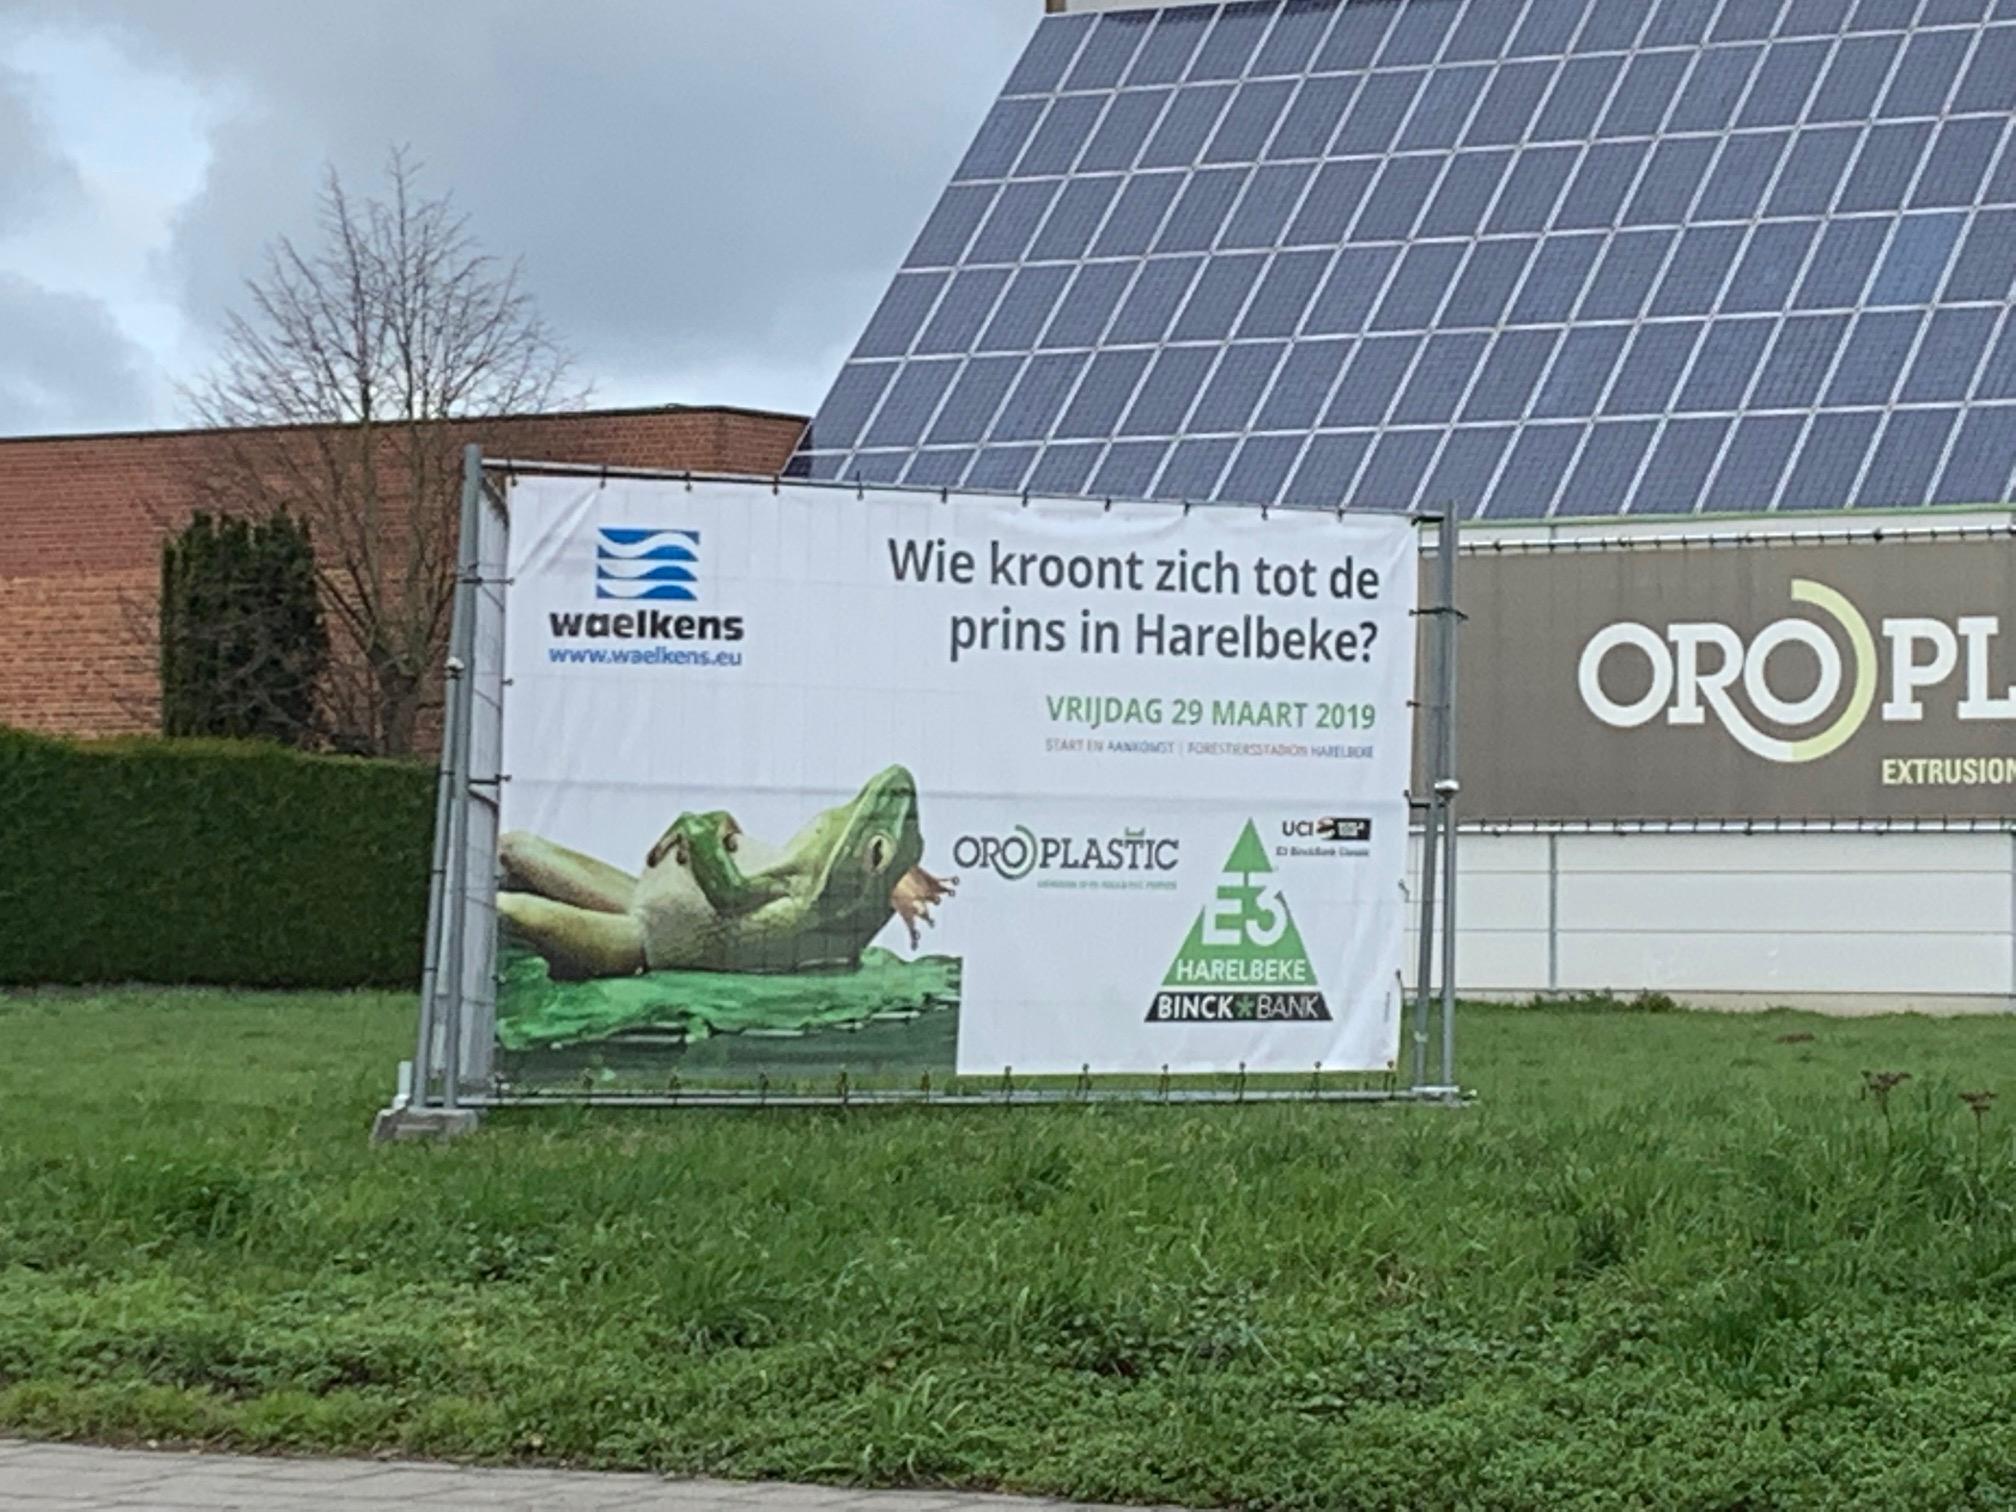 E3-banner voor Oroplastic door Waelkens